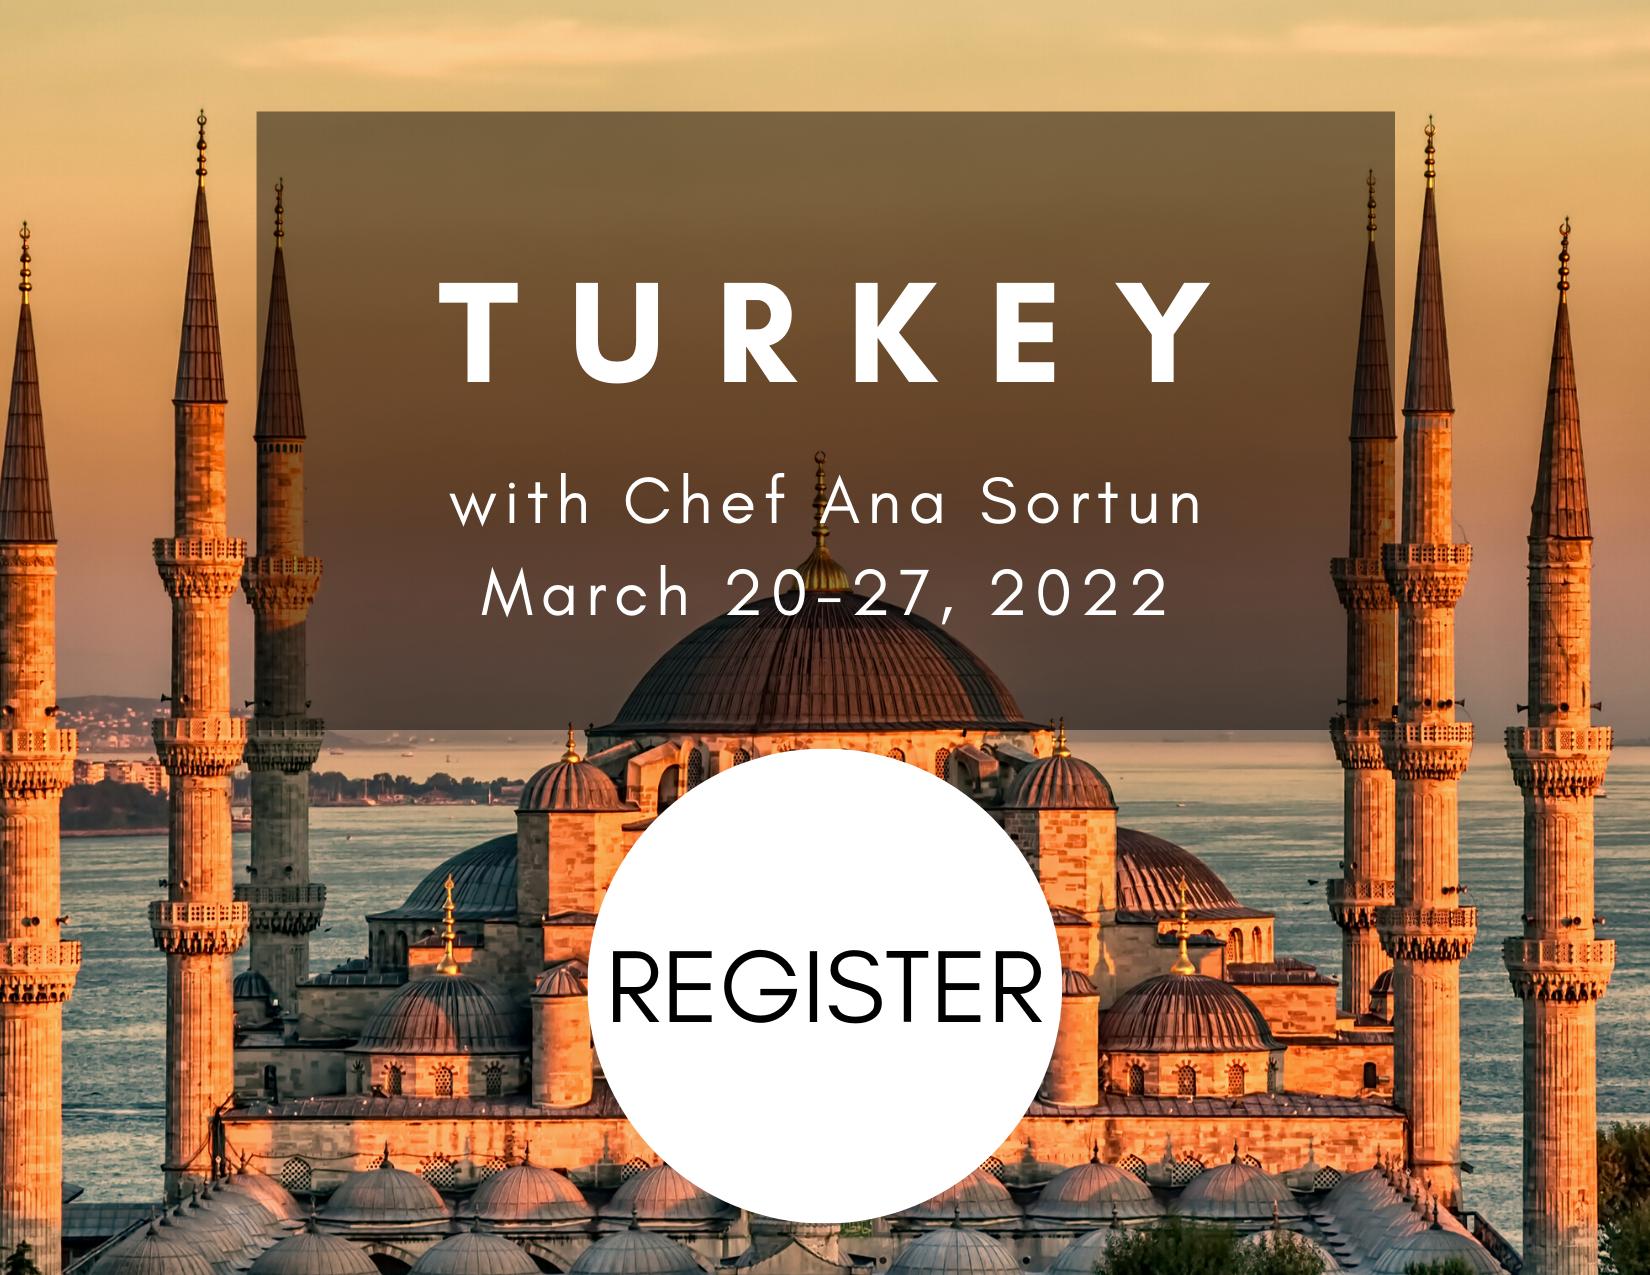 Turkey with register button